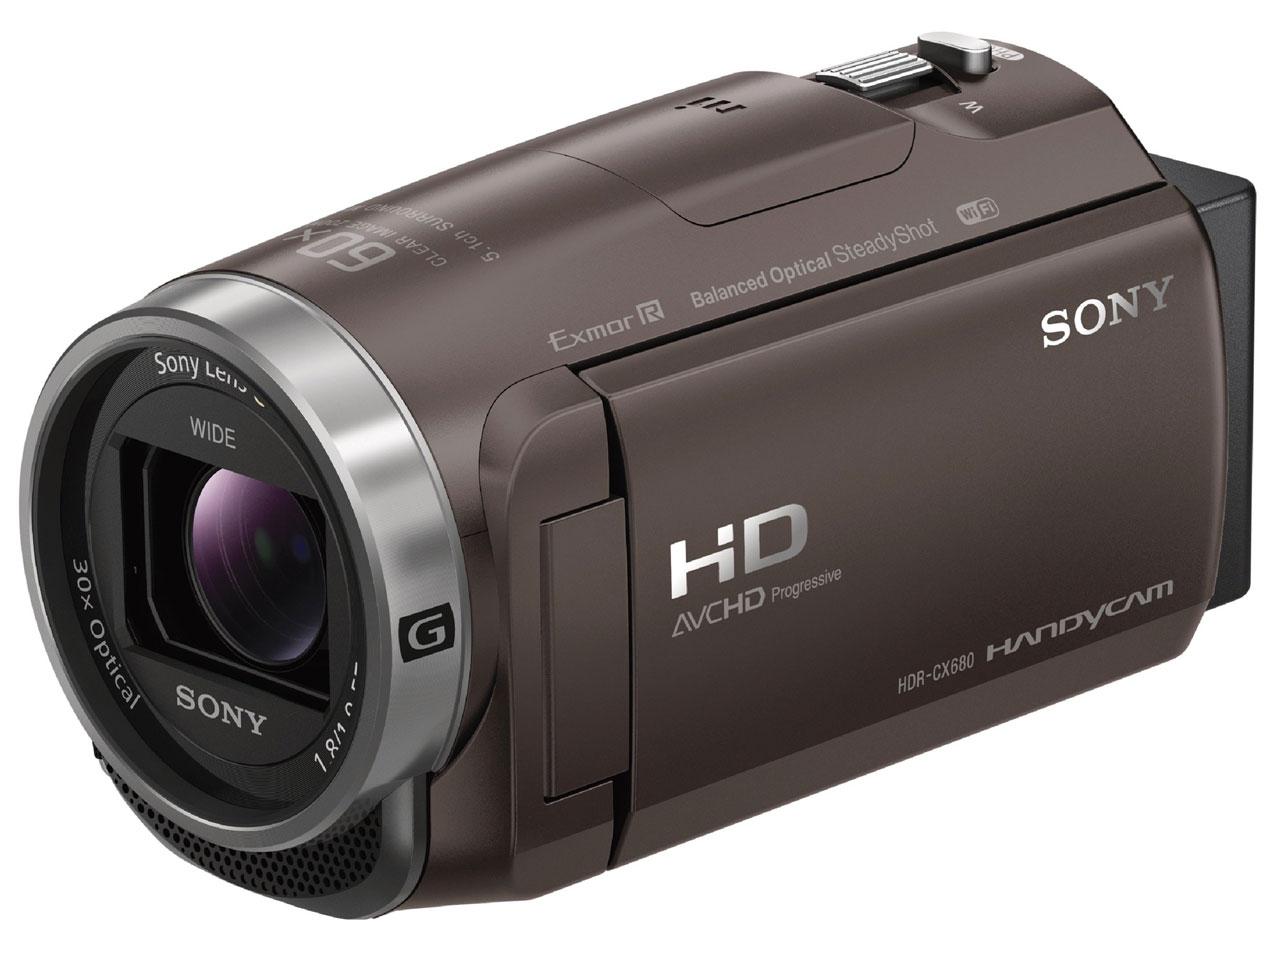 【新品】【送料無料】ソニー SONY ビデオカメラ Handycam 光学30倍 内蔵メモリー64GB ブロンズブラウンHDR-CX680 TI